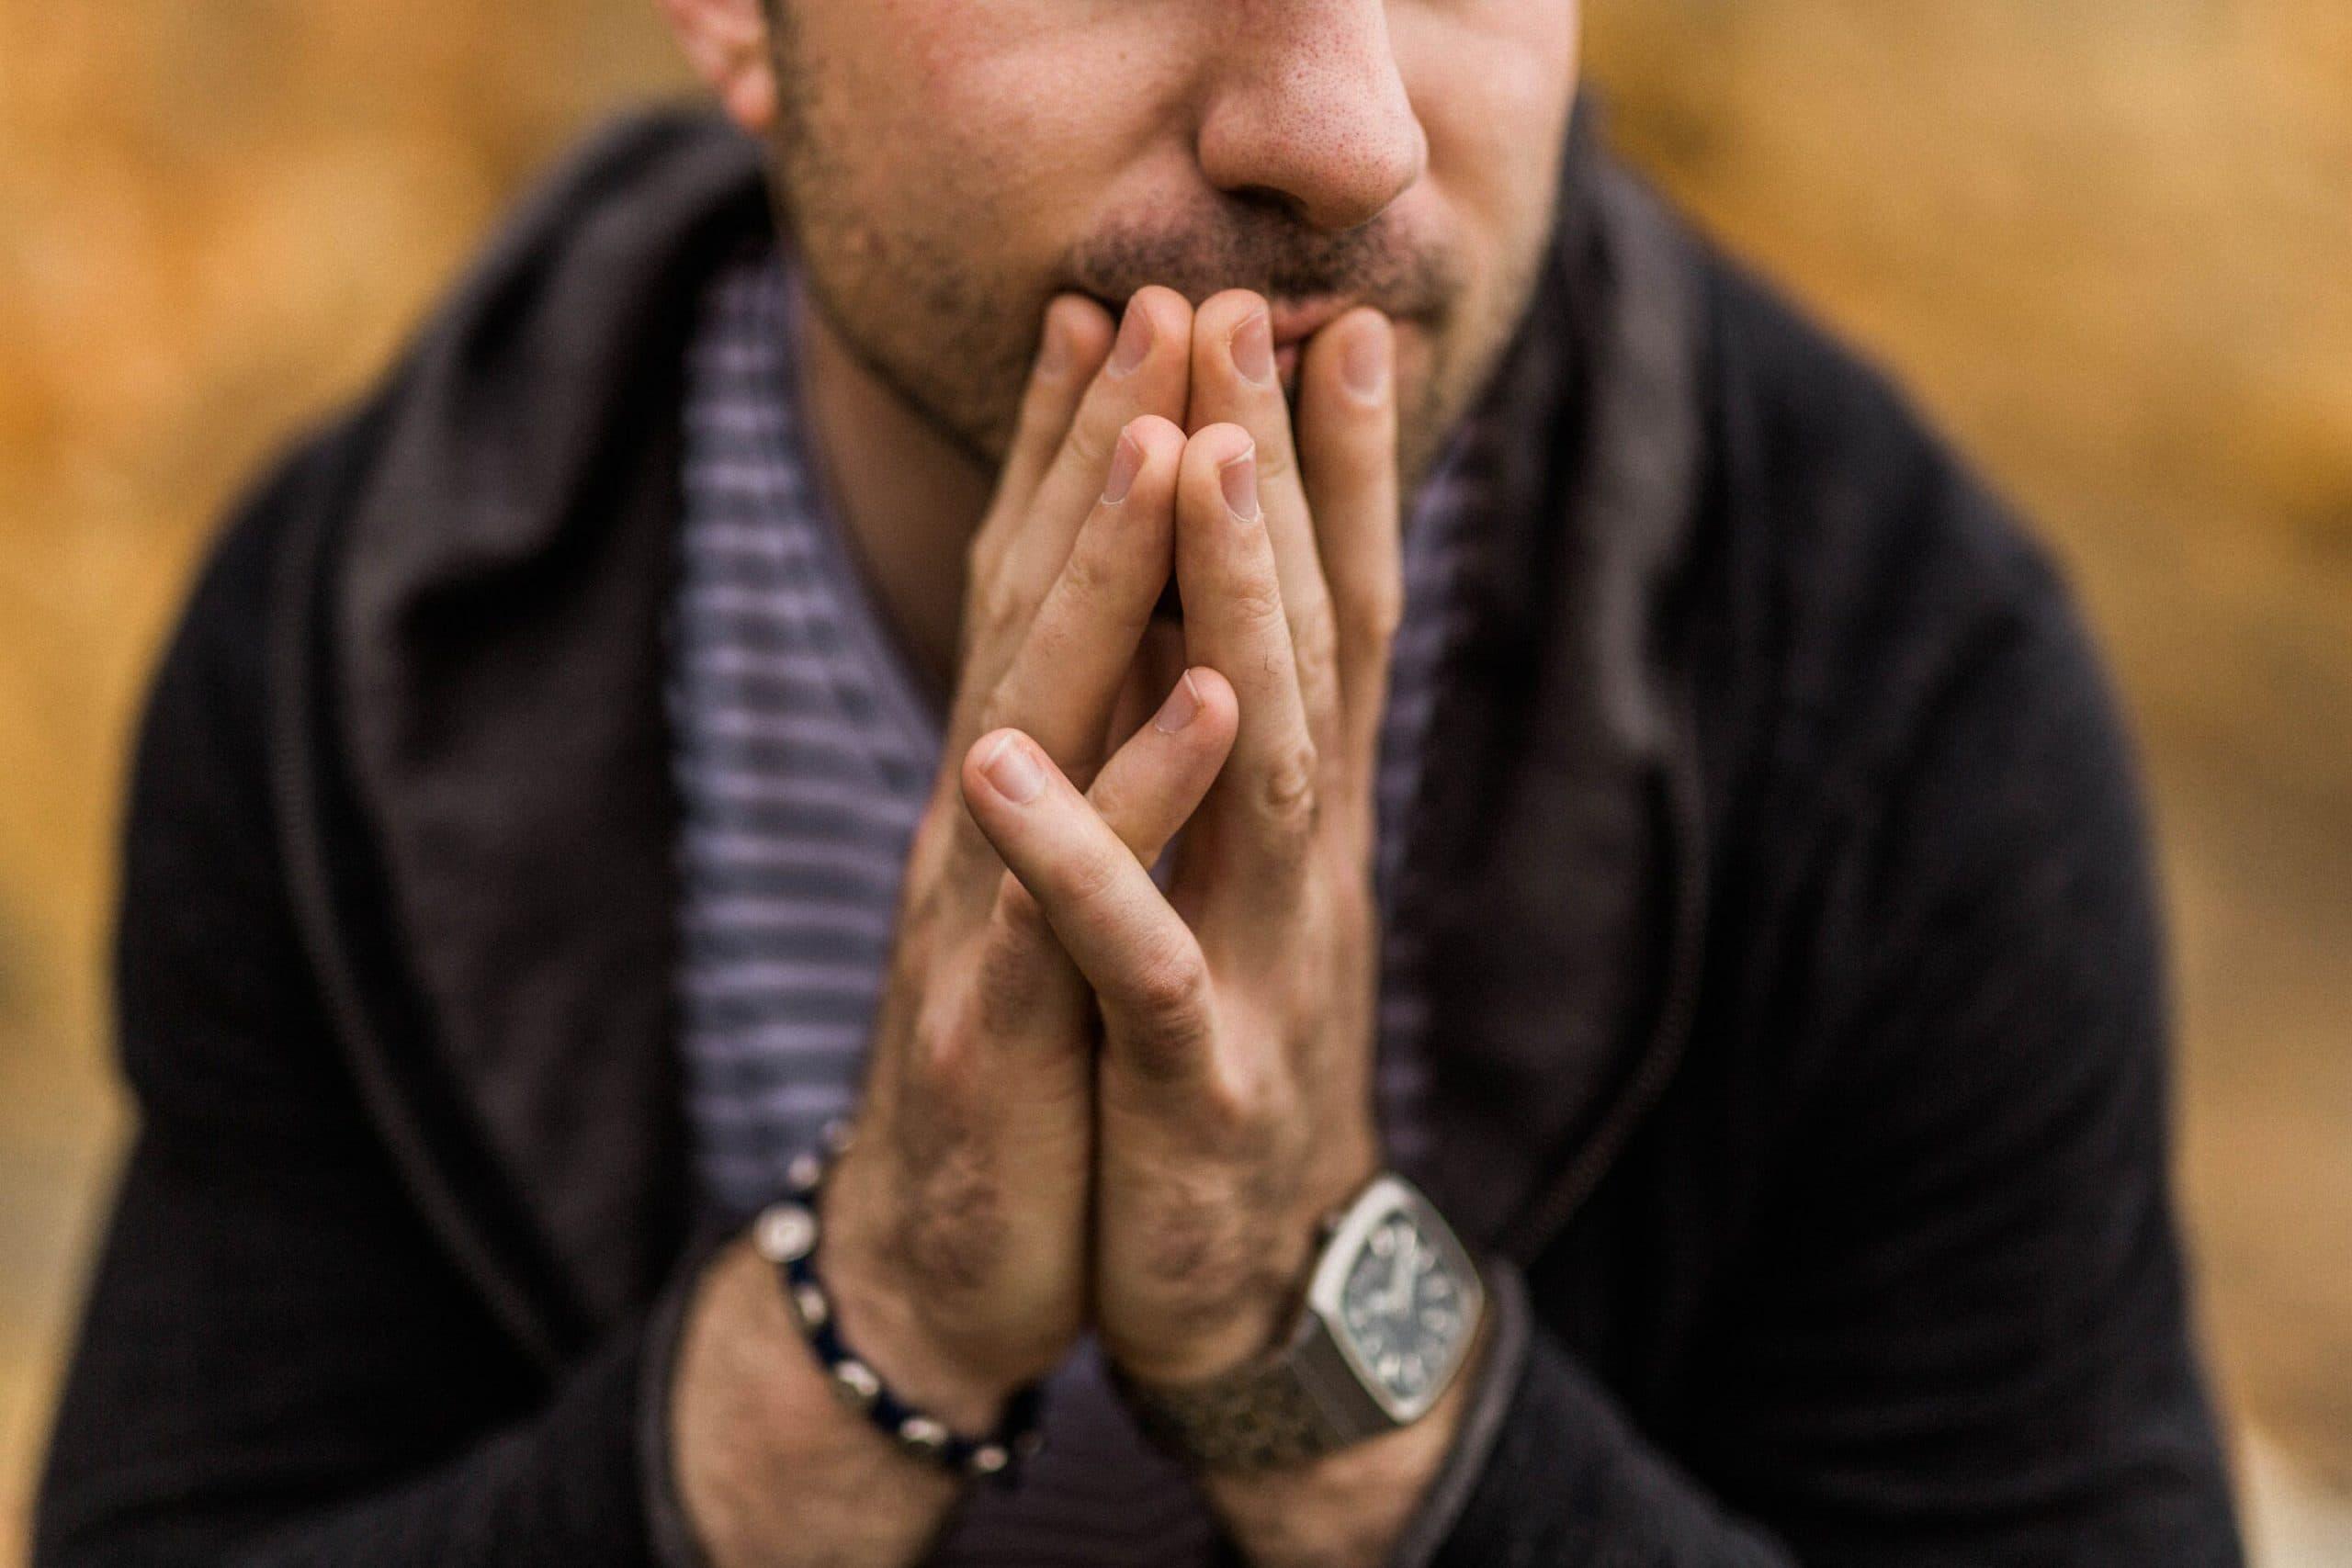 Homem no foco com metade do rosto aparecendo e mãos apoiadas no queixo pensativo